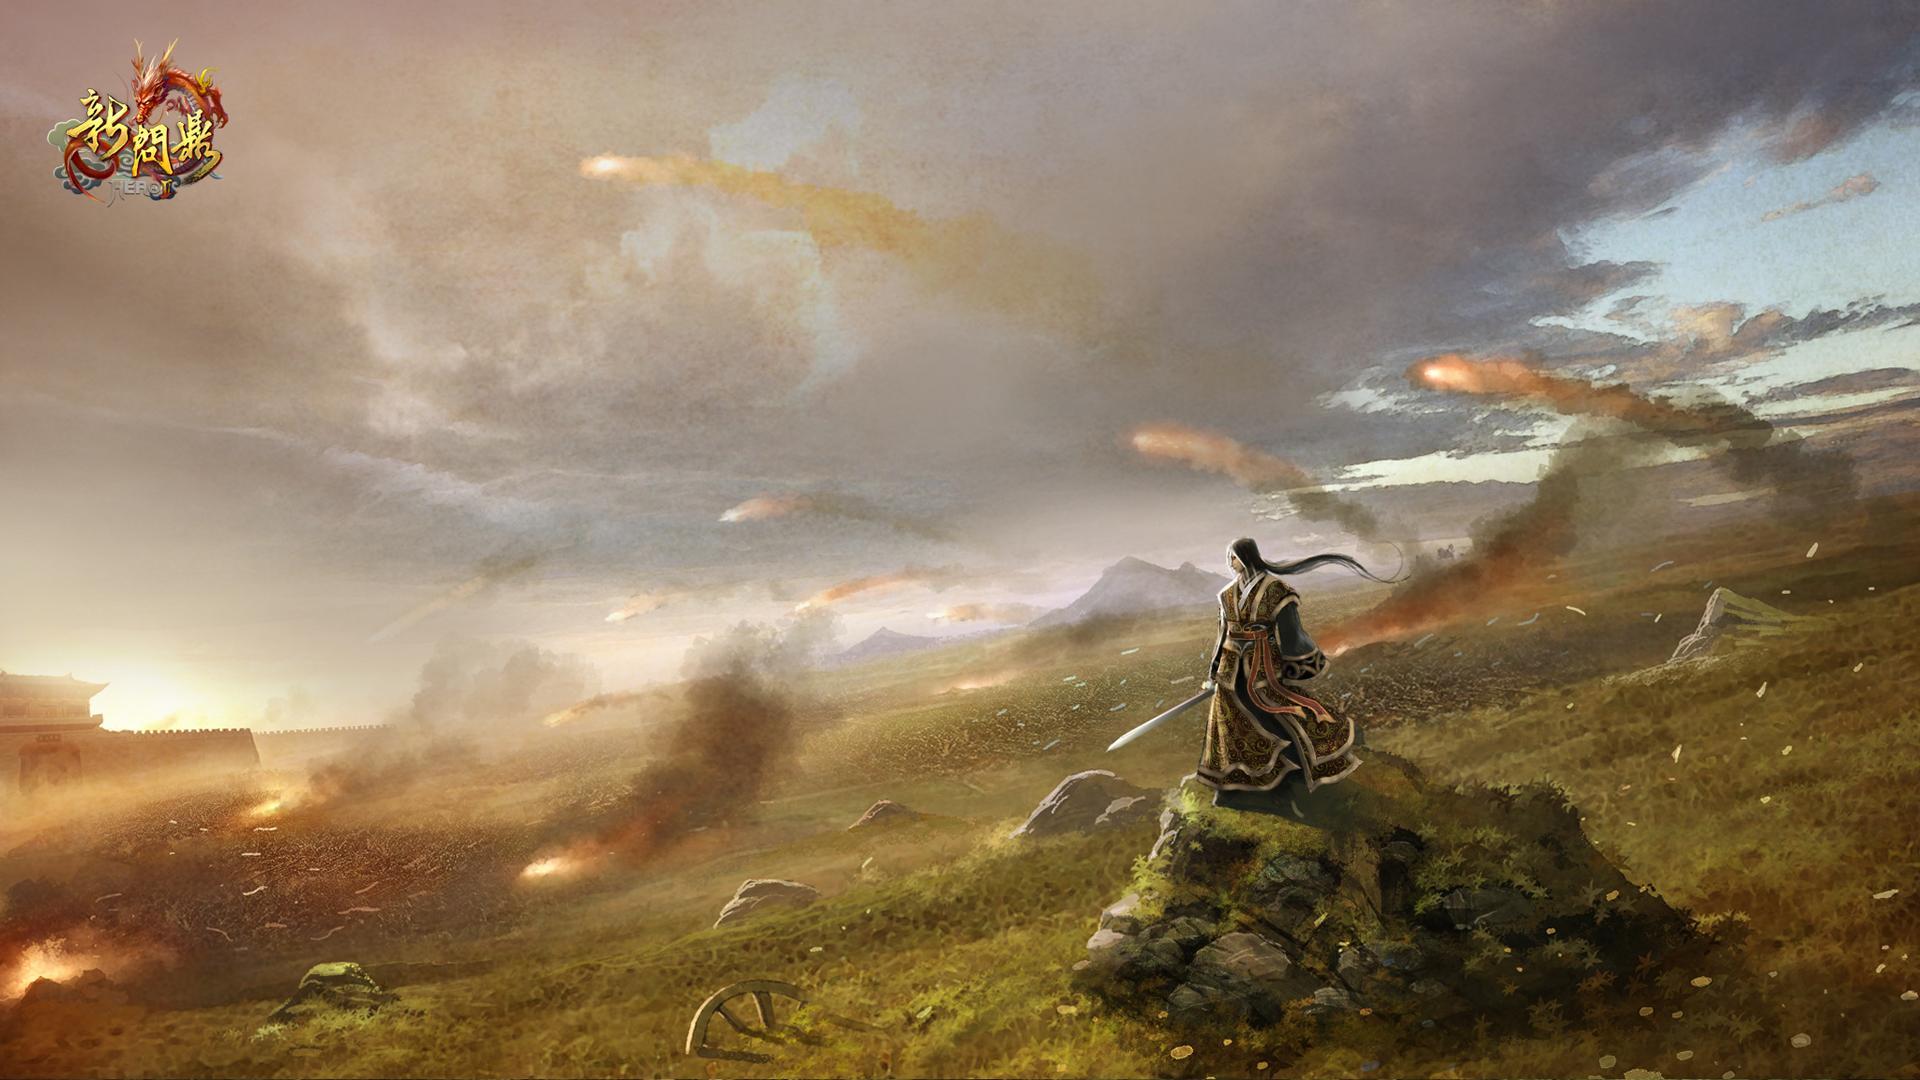 古战场游戏背景素材